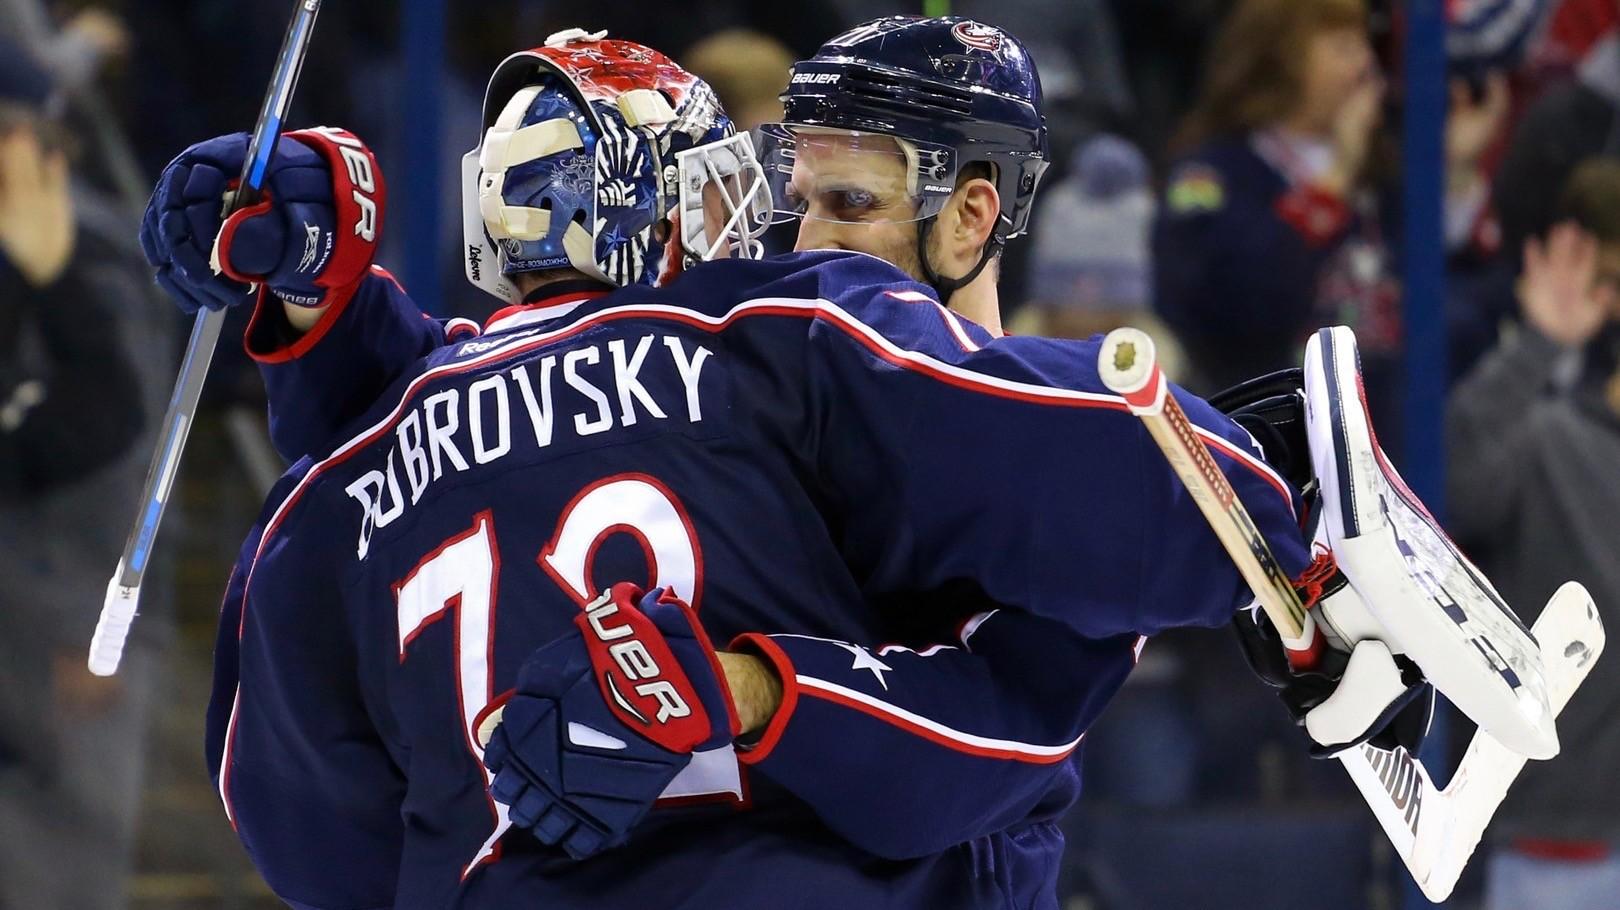 Чёрный день для вратарей: Бобровский и Василевский пропустили 10 шайб на двоих